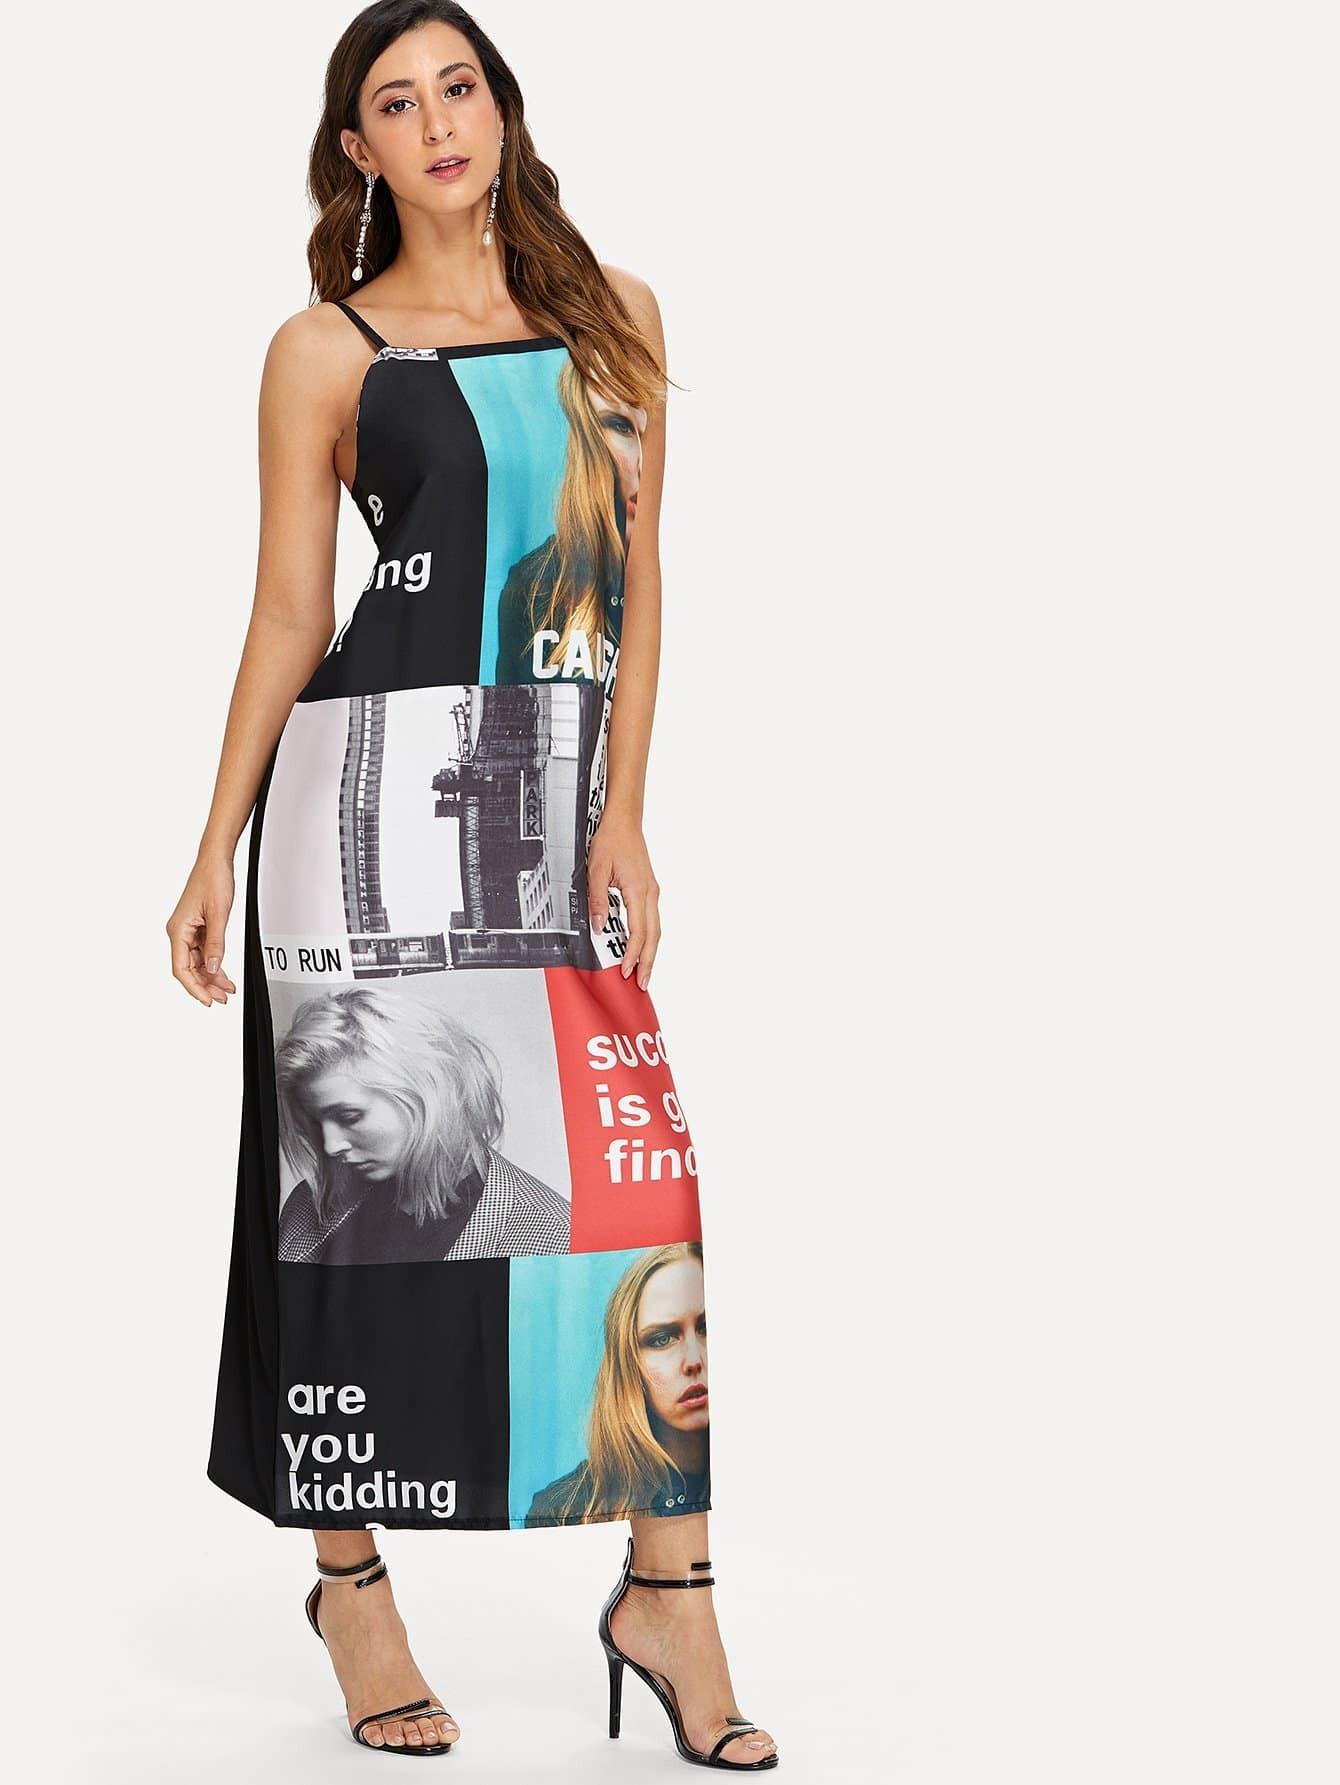 Платье с принтом со слоганом